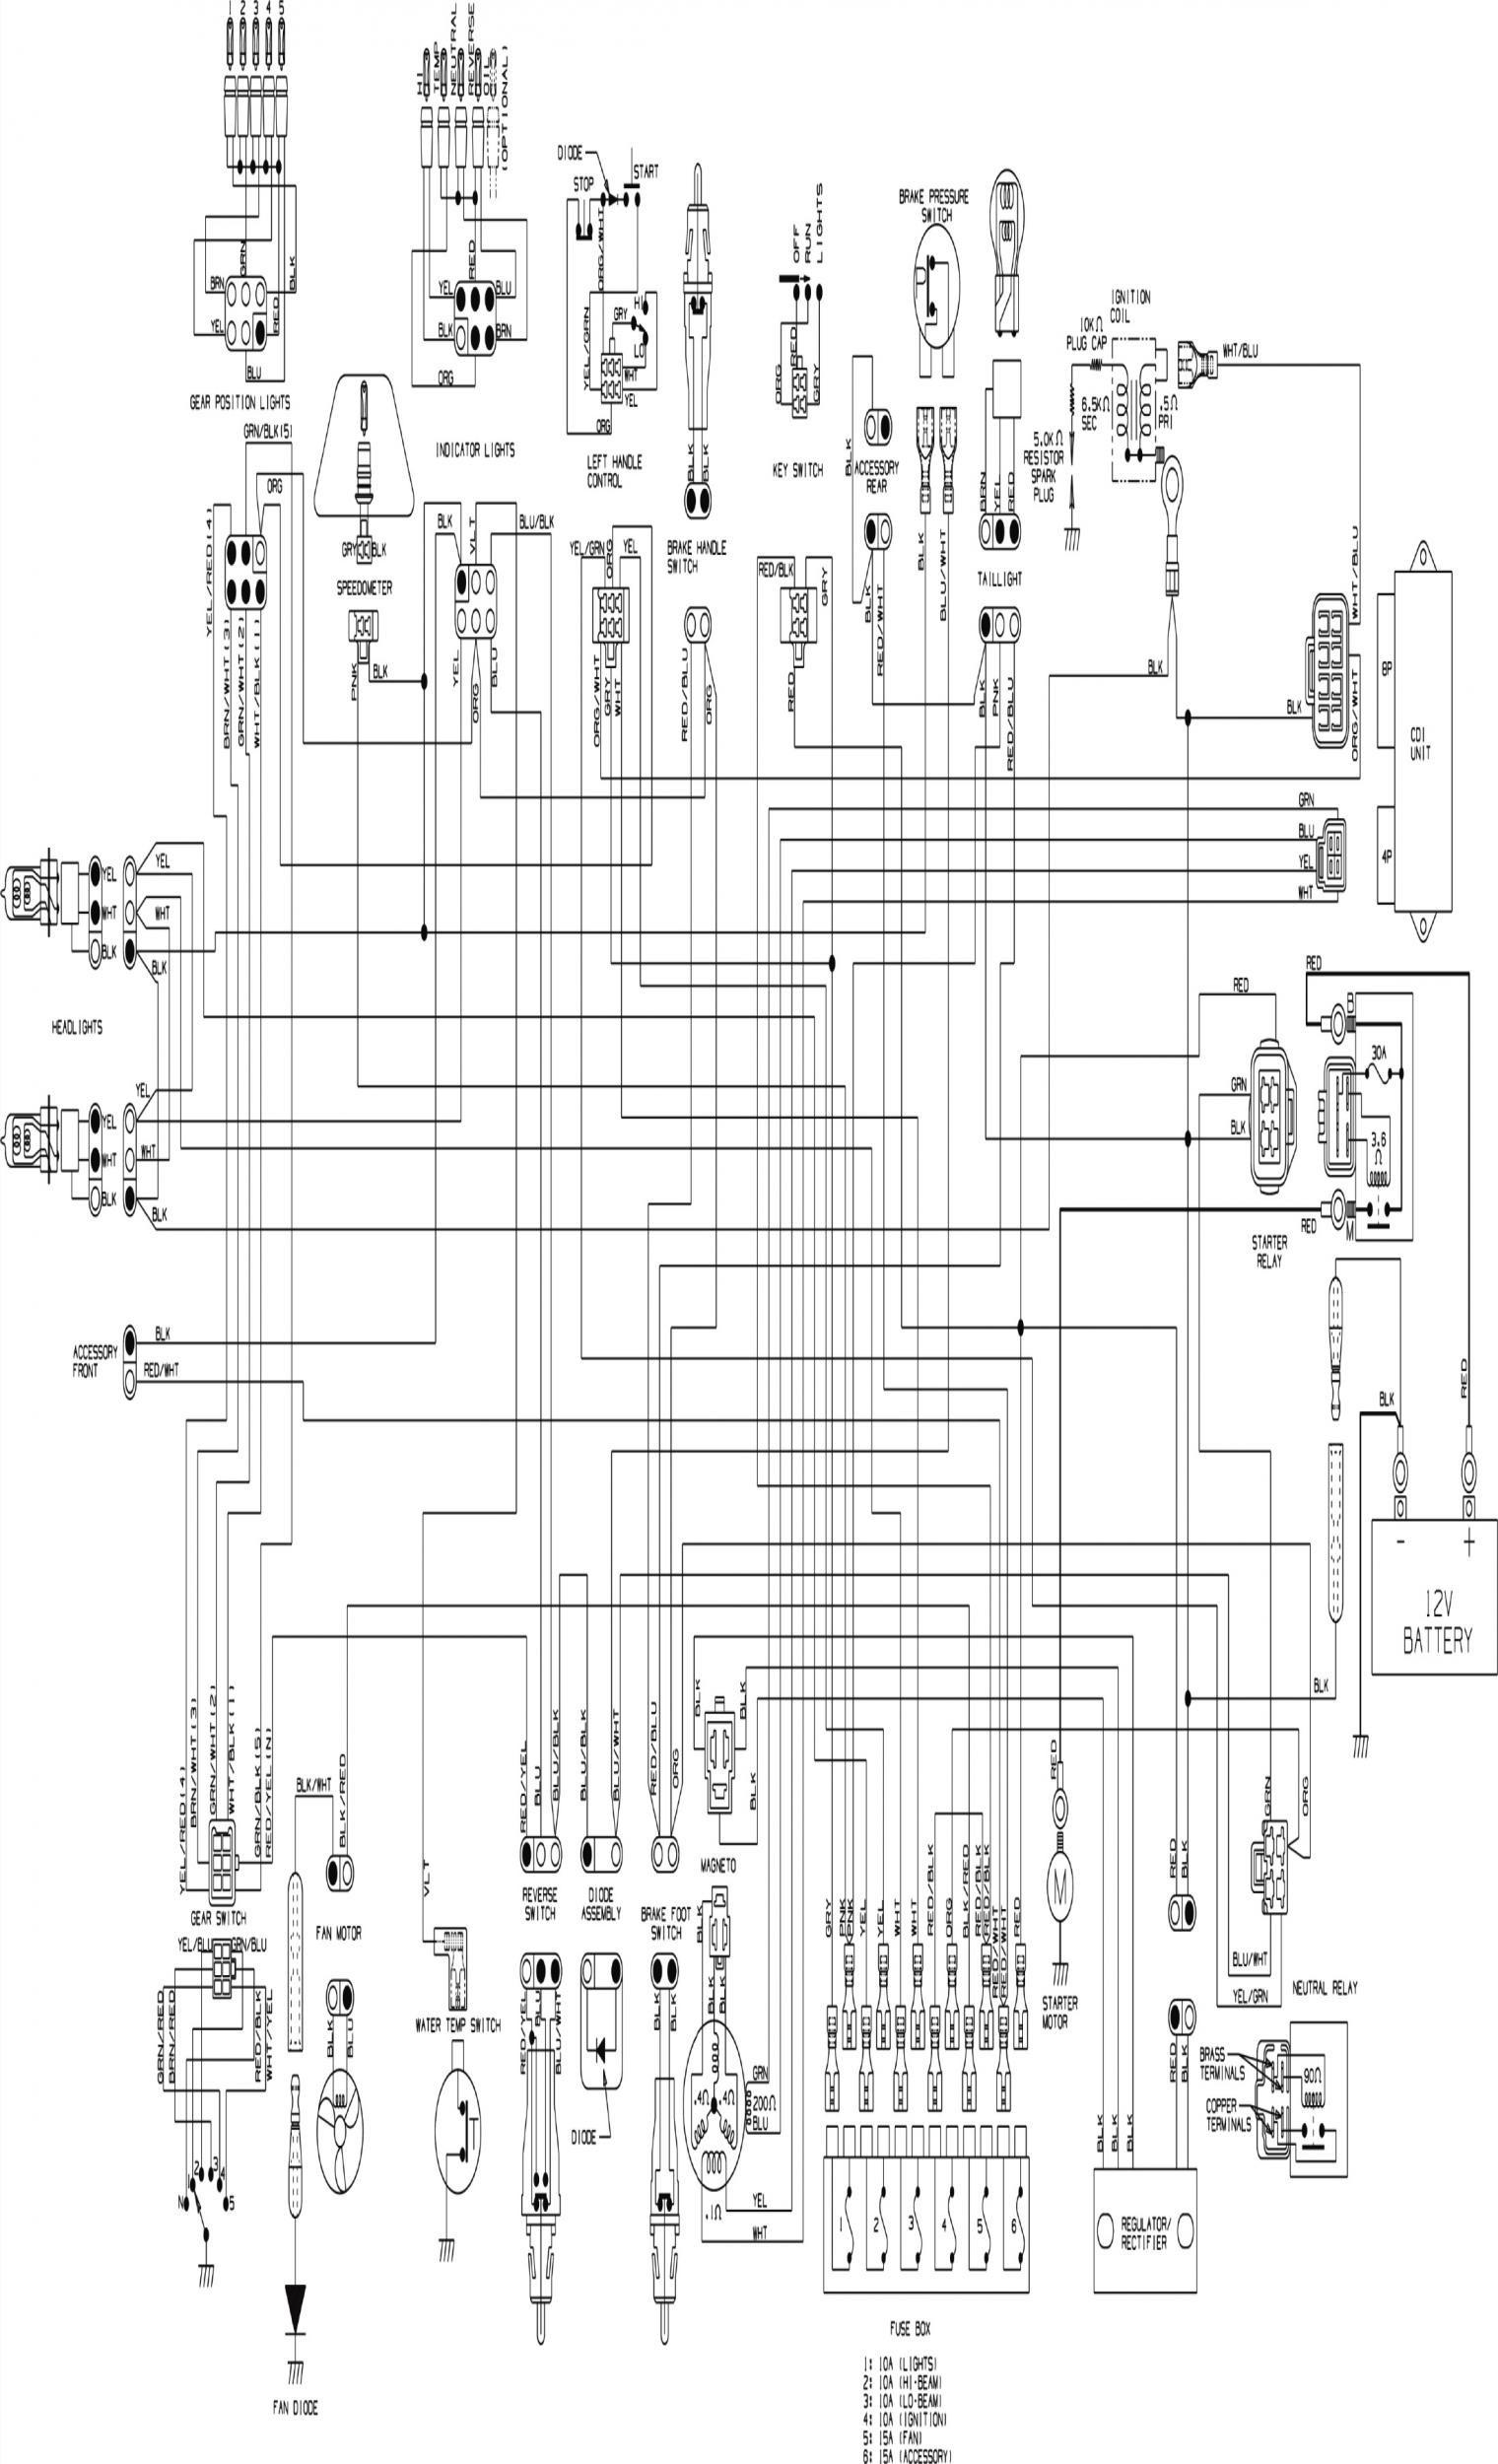 Arctic Cat Wiring - 19.6.pluspatrunoua.de • on arctic cat 300 parts diagram, arctic cat 400 parts manual, arctic cat prowler wiring-diagram, arctic cat 400 wheels, arctic cat schematic diagrams, arctic cat winch wiring, arctic cat prowler parts diagram, arctic cat 400 oil type, arctic cat dvx 400 problems, arctic cat snowmobile wiring-diagram, arctic cat 400 regulator, arctic cat wiring diagrams online, arctic cat engine diagram, arctic cat atv, arctic cat 400 carb diagram, arctic cat 400 spark plug, arctic cat wiring schematic, arctic cat 400 engine, arctic cat 400 user manual, arctic cat 400 radiator,